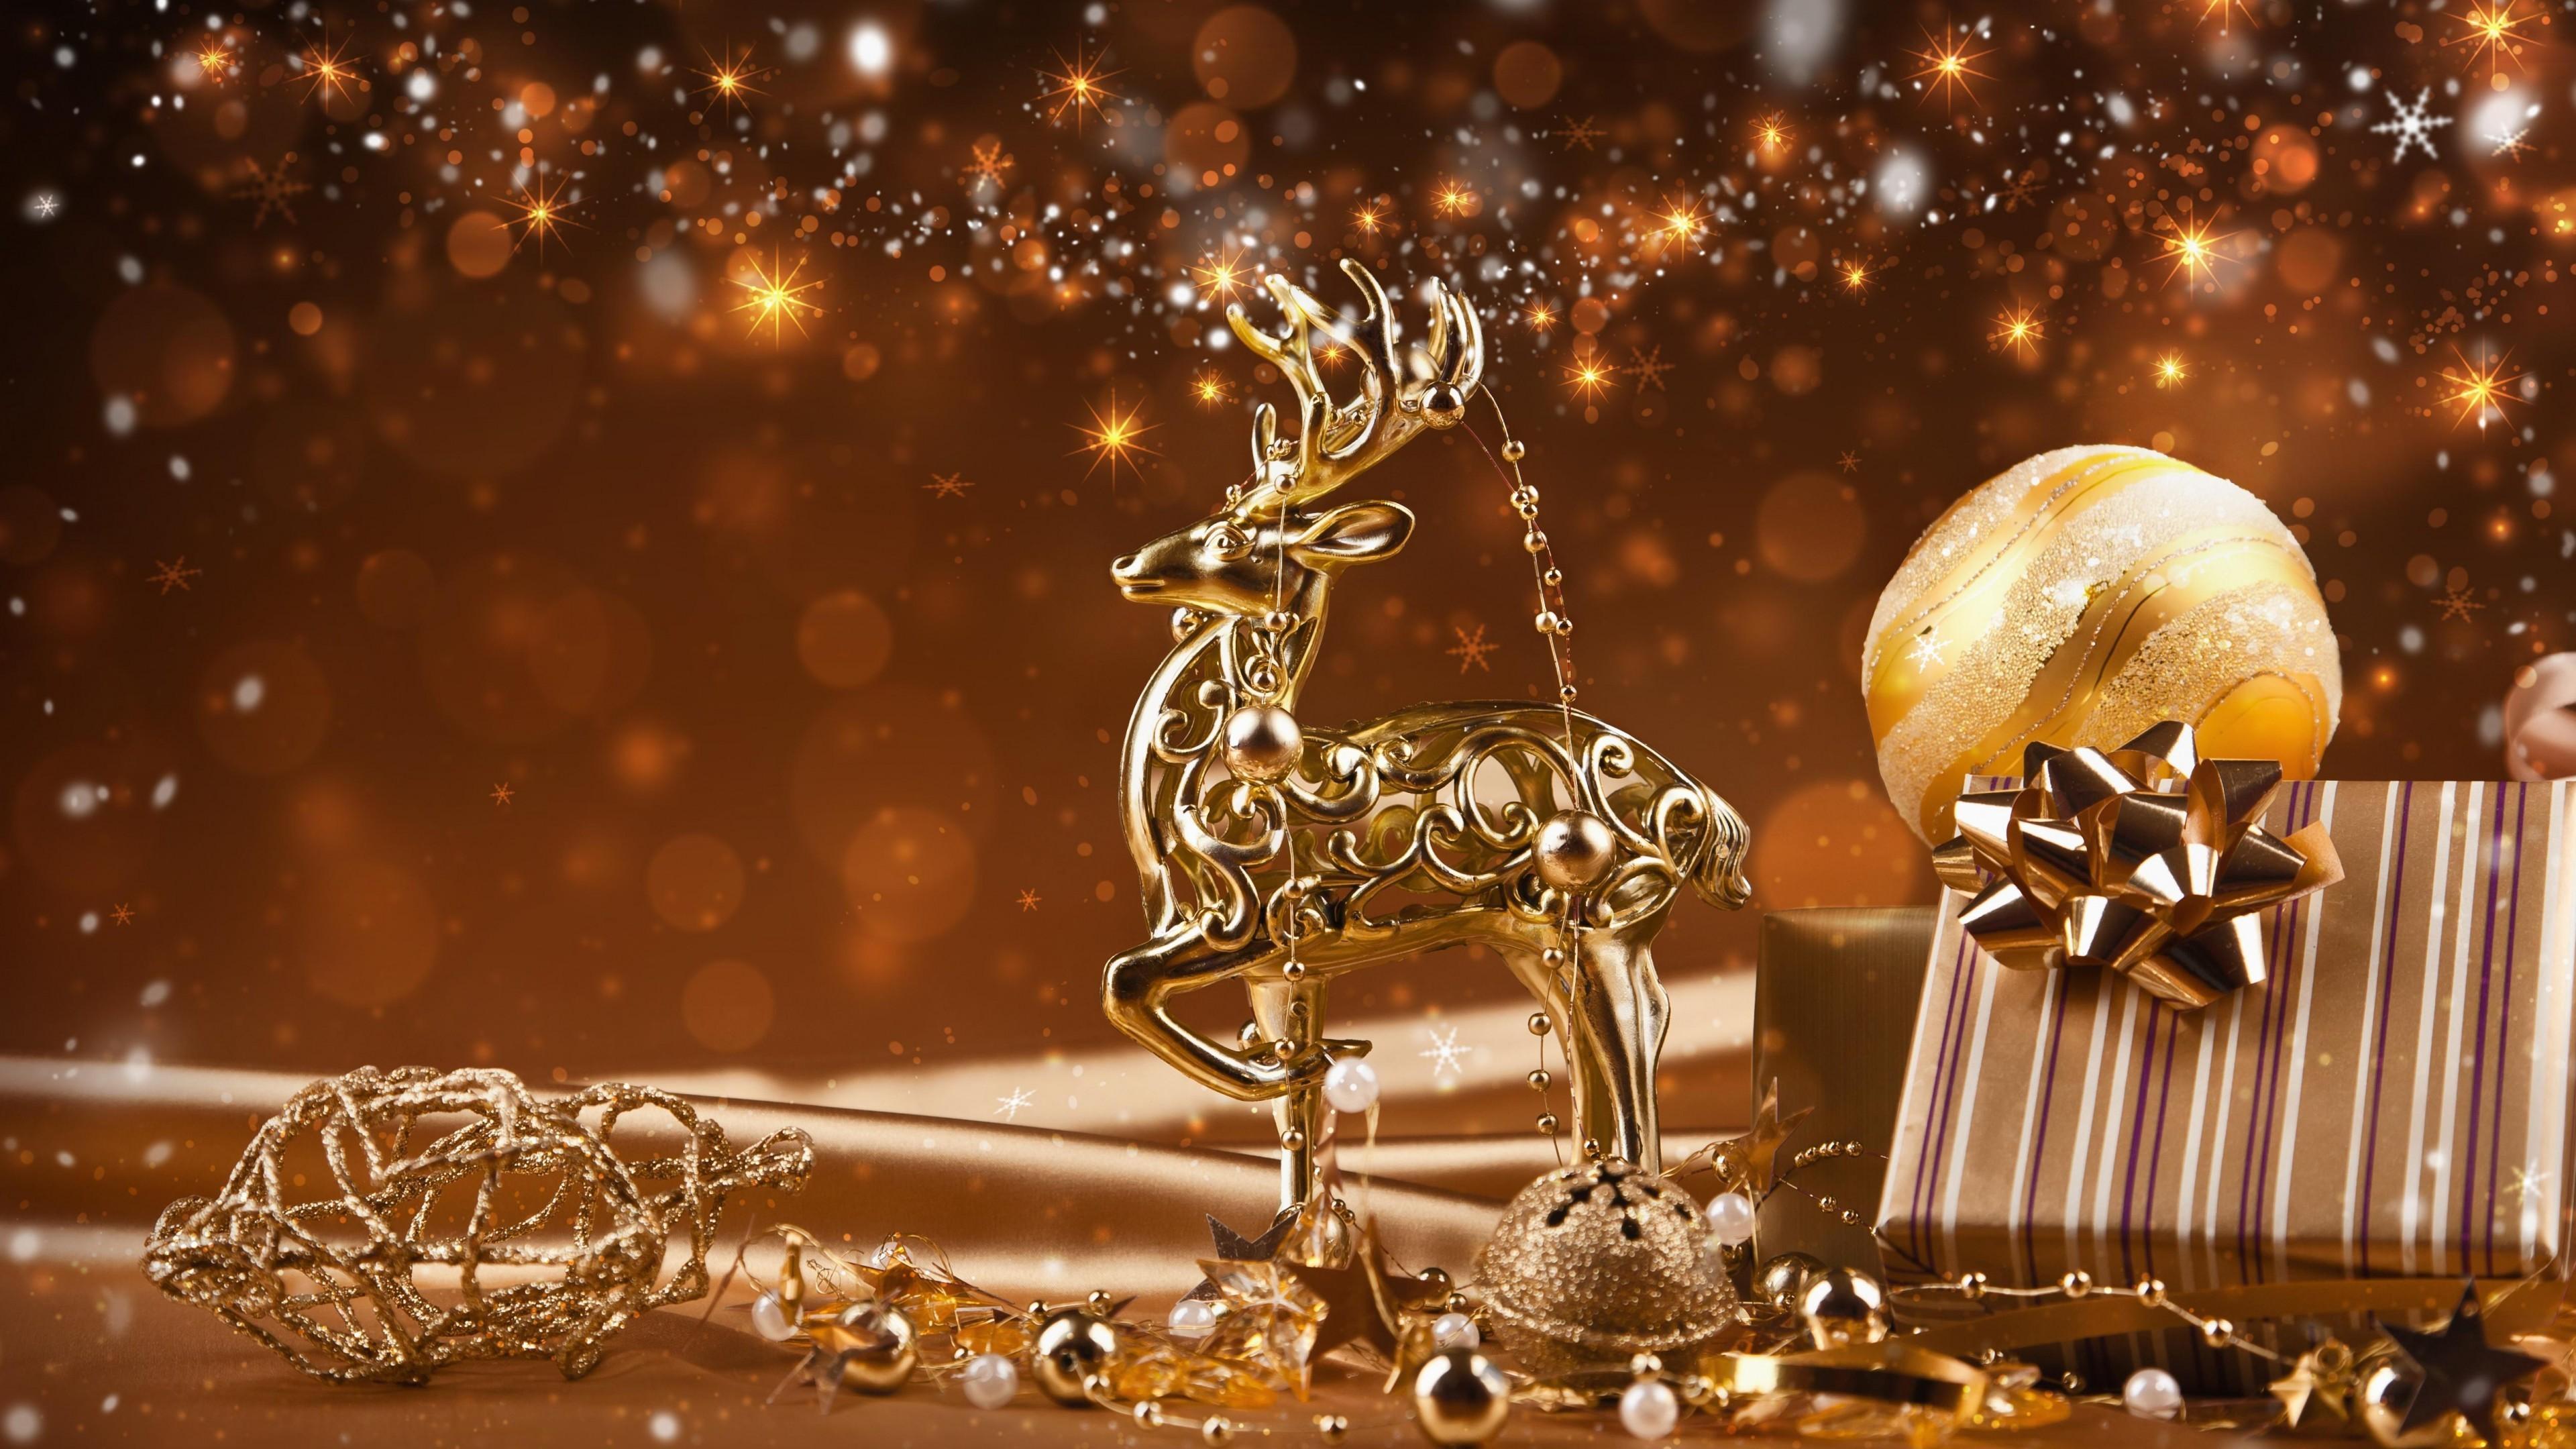 Holiday – Christmas Holiday Reindeer Gold Brown Christmas Ornaments Gift  Bokeh Ball Wallpaper